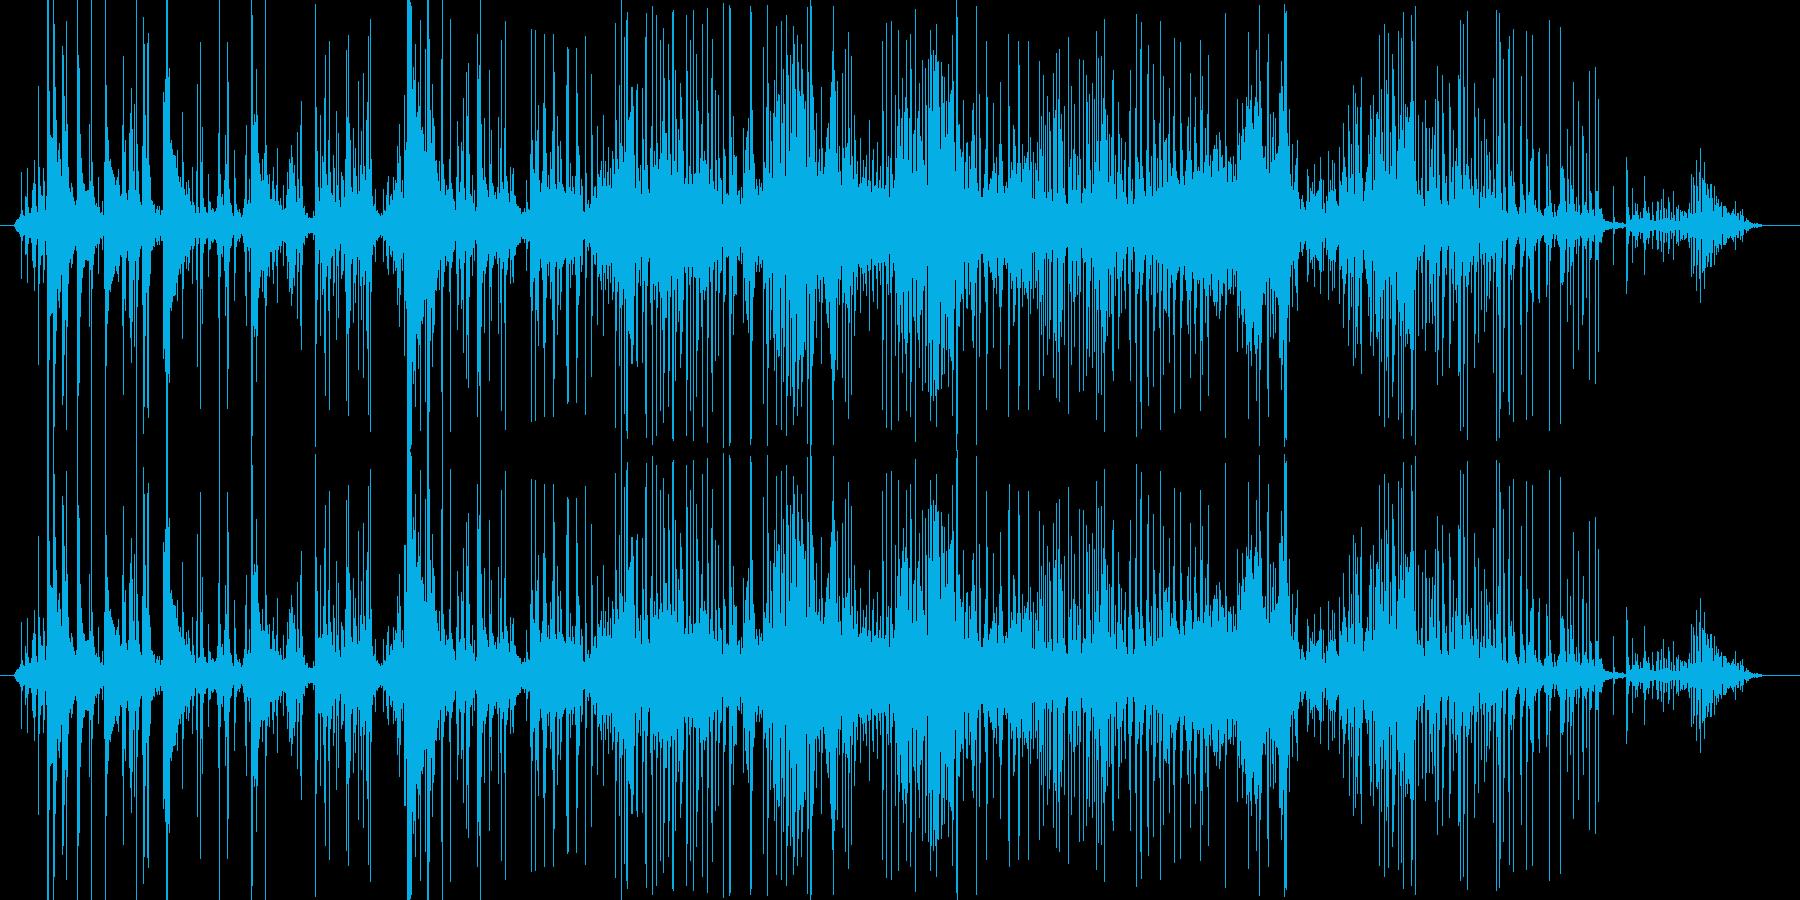 押し込めるような音の再生済みの波形